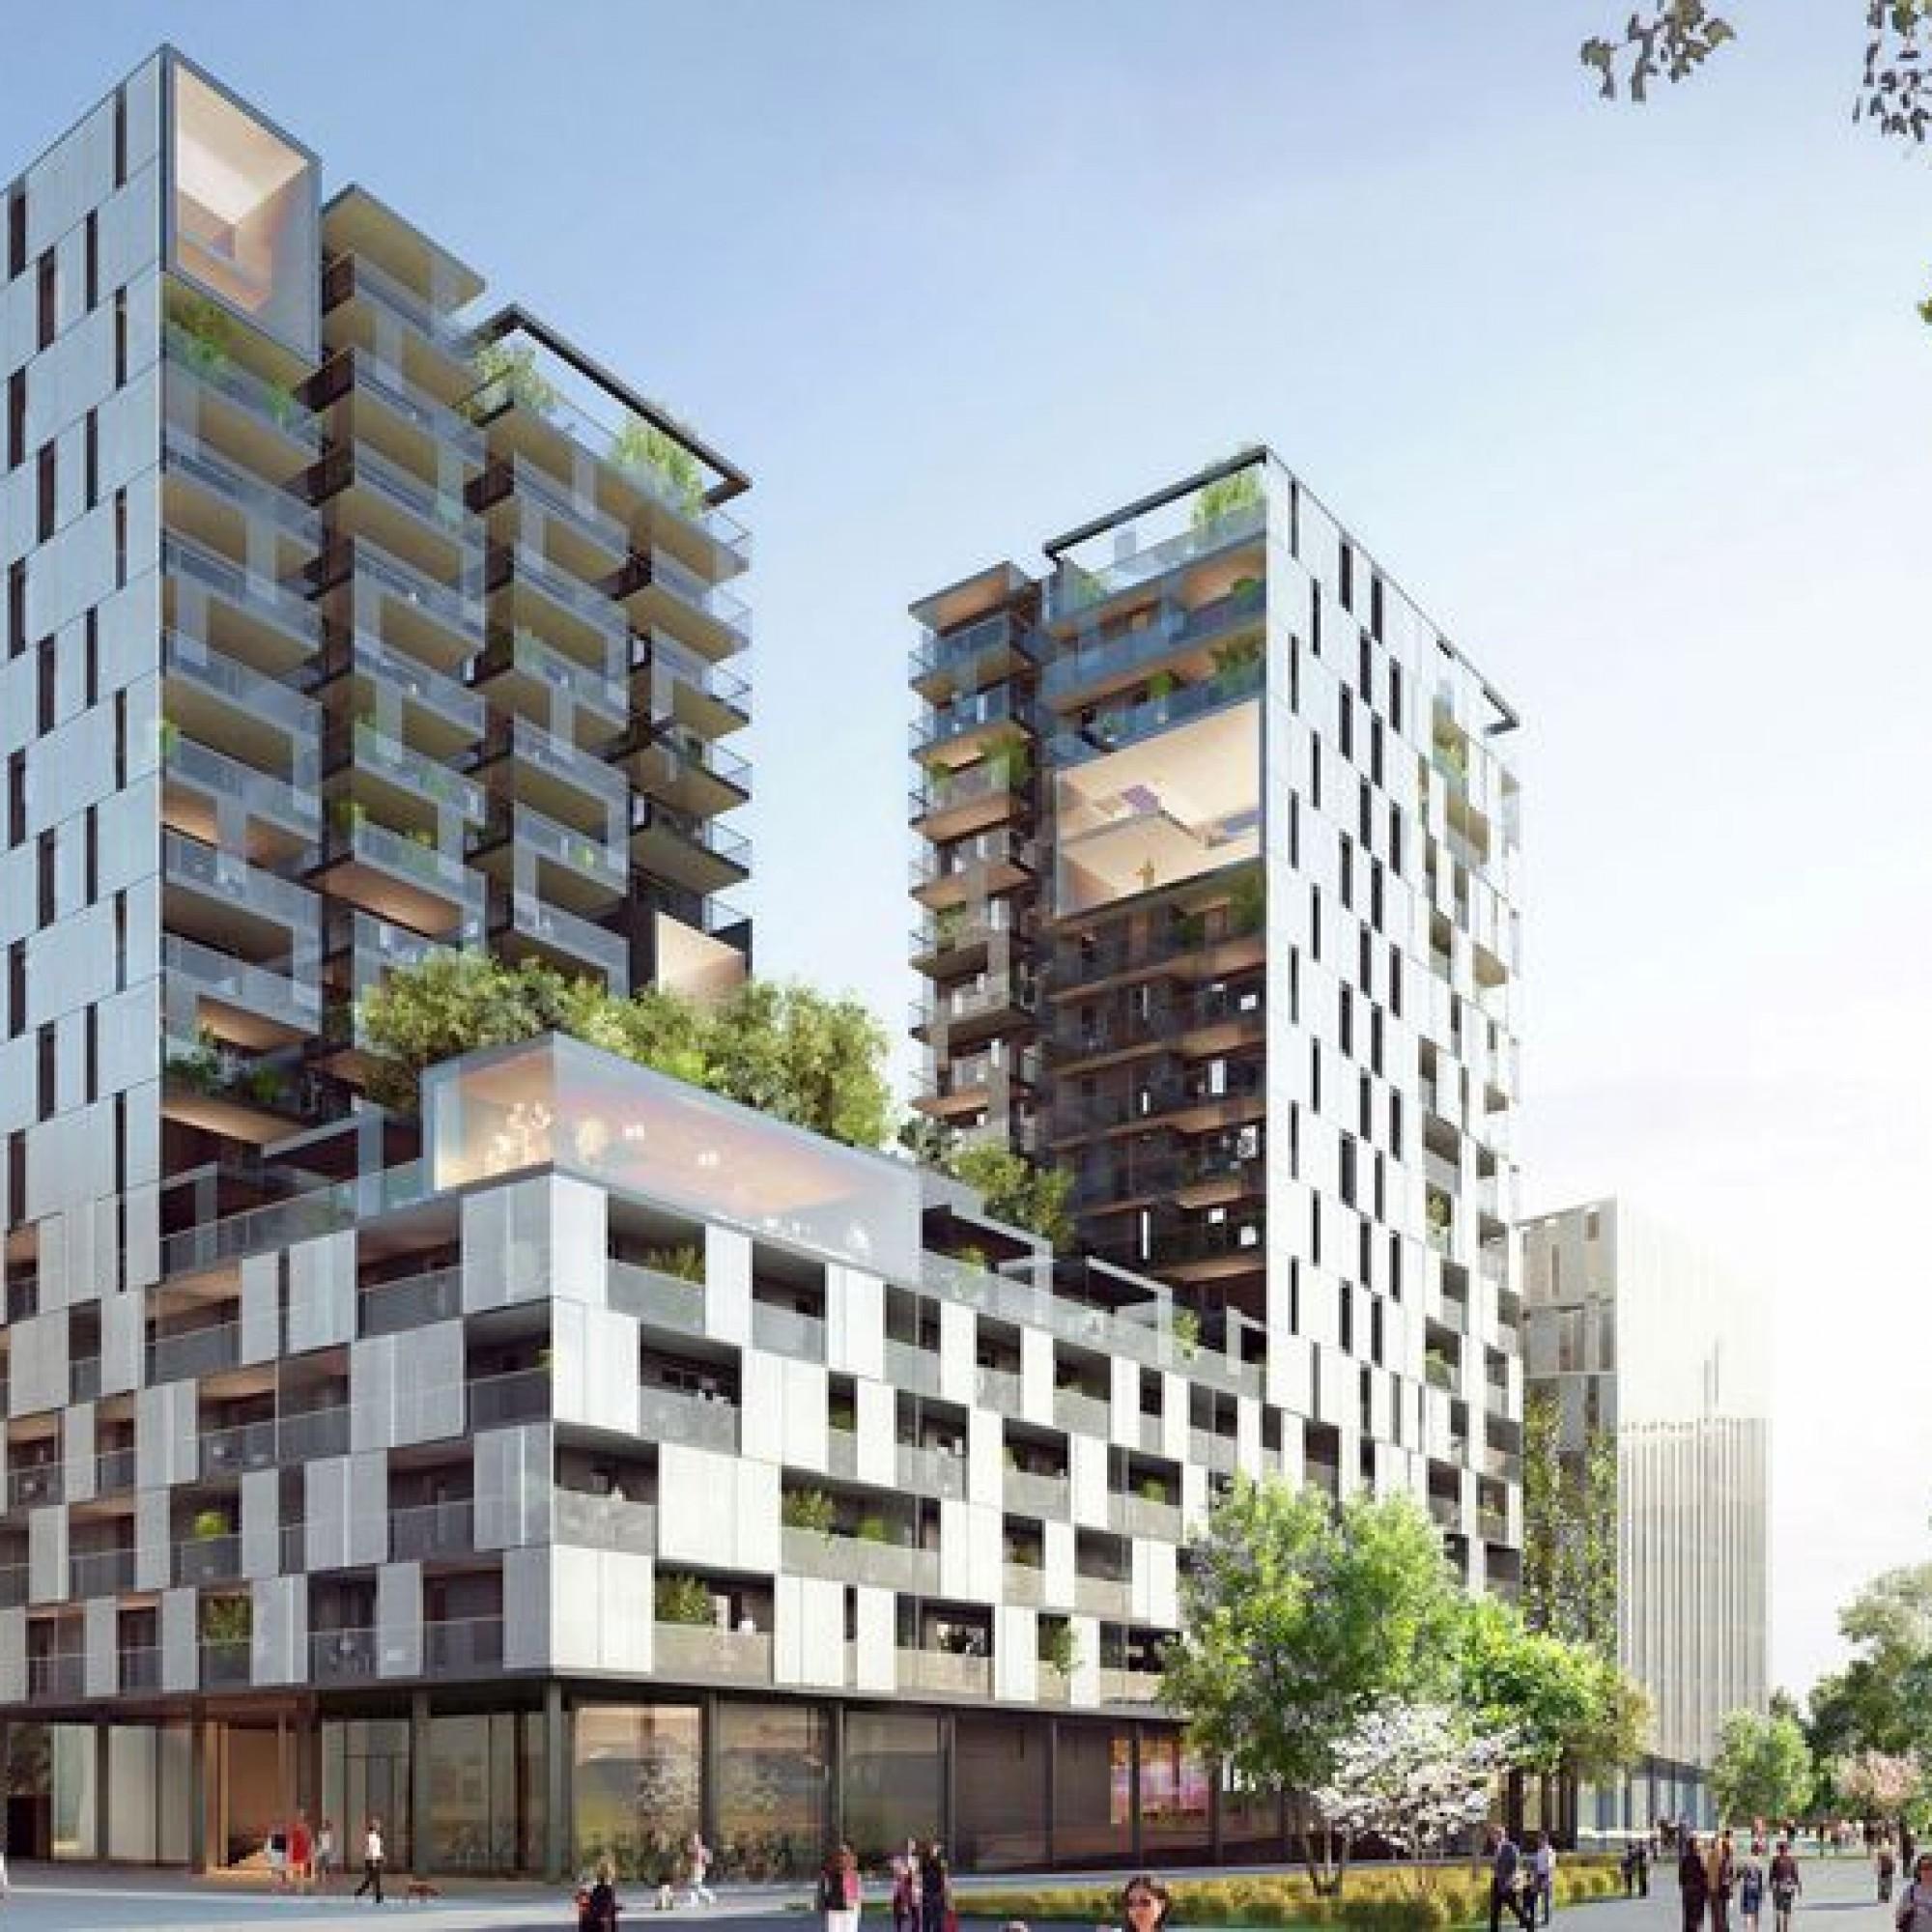 La Ville de Strasbourg met beaucoup d'importance à assurer la meilleure qualité de vie dans ses projets de développement urbain.